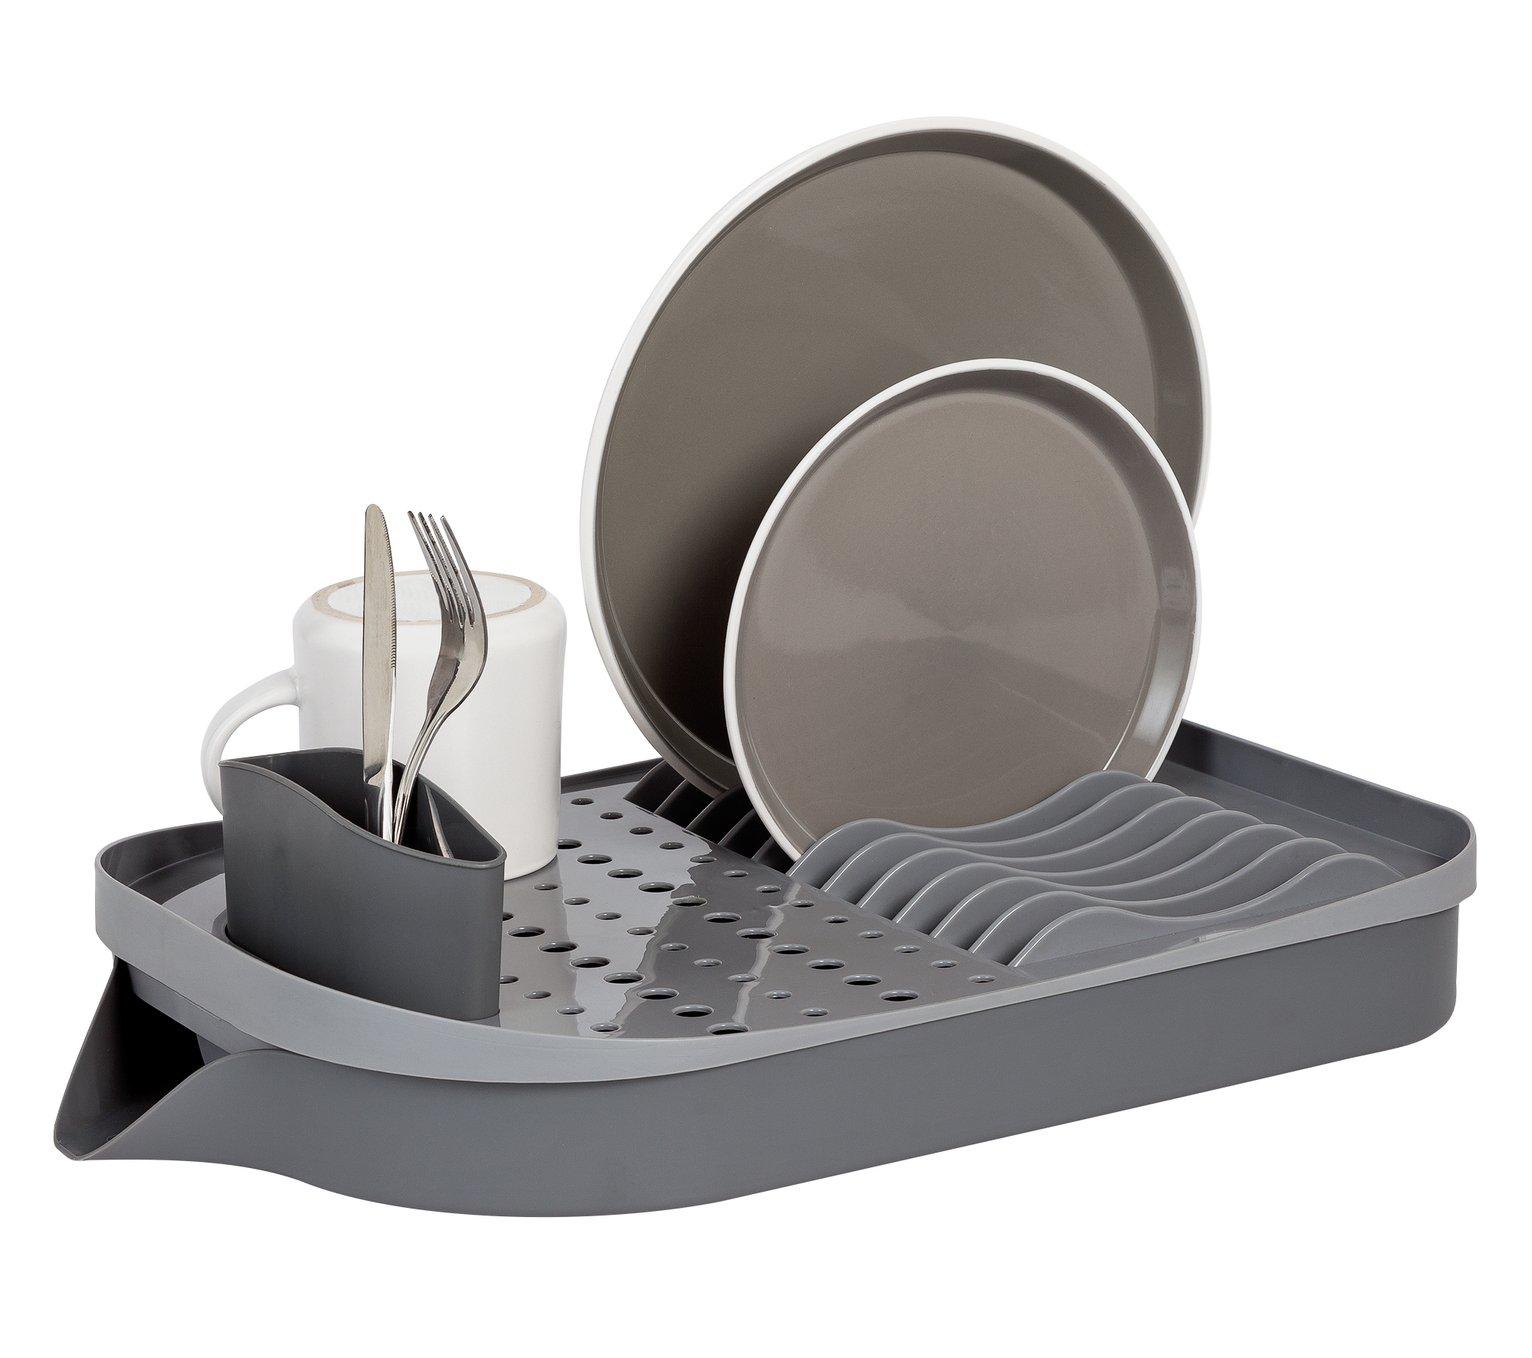 Argos Home Plastic Dish Drainer - Grey